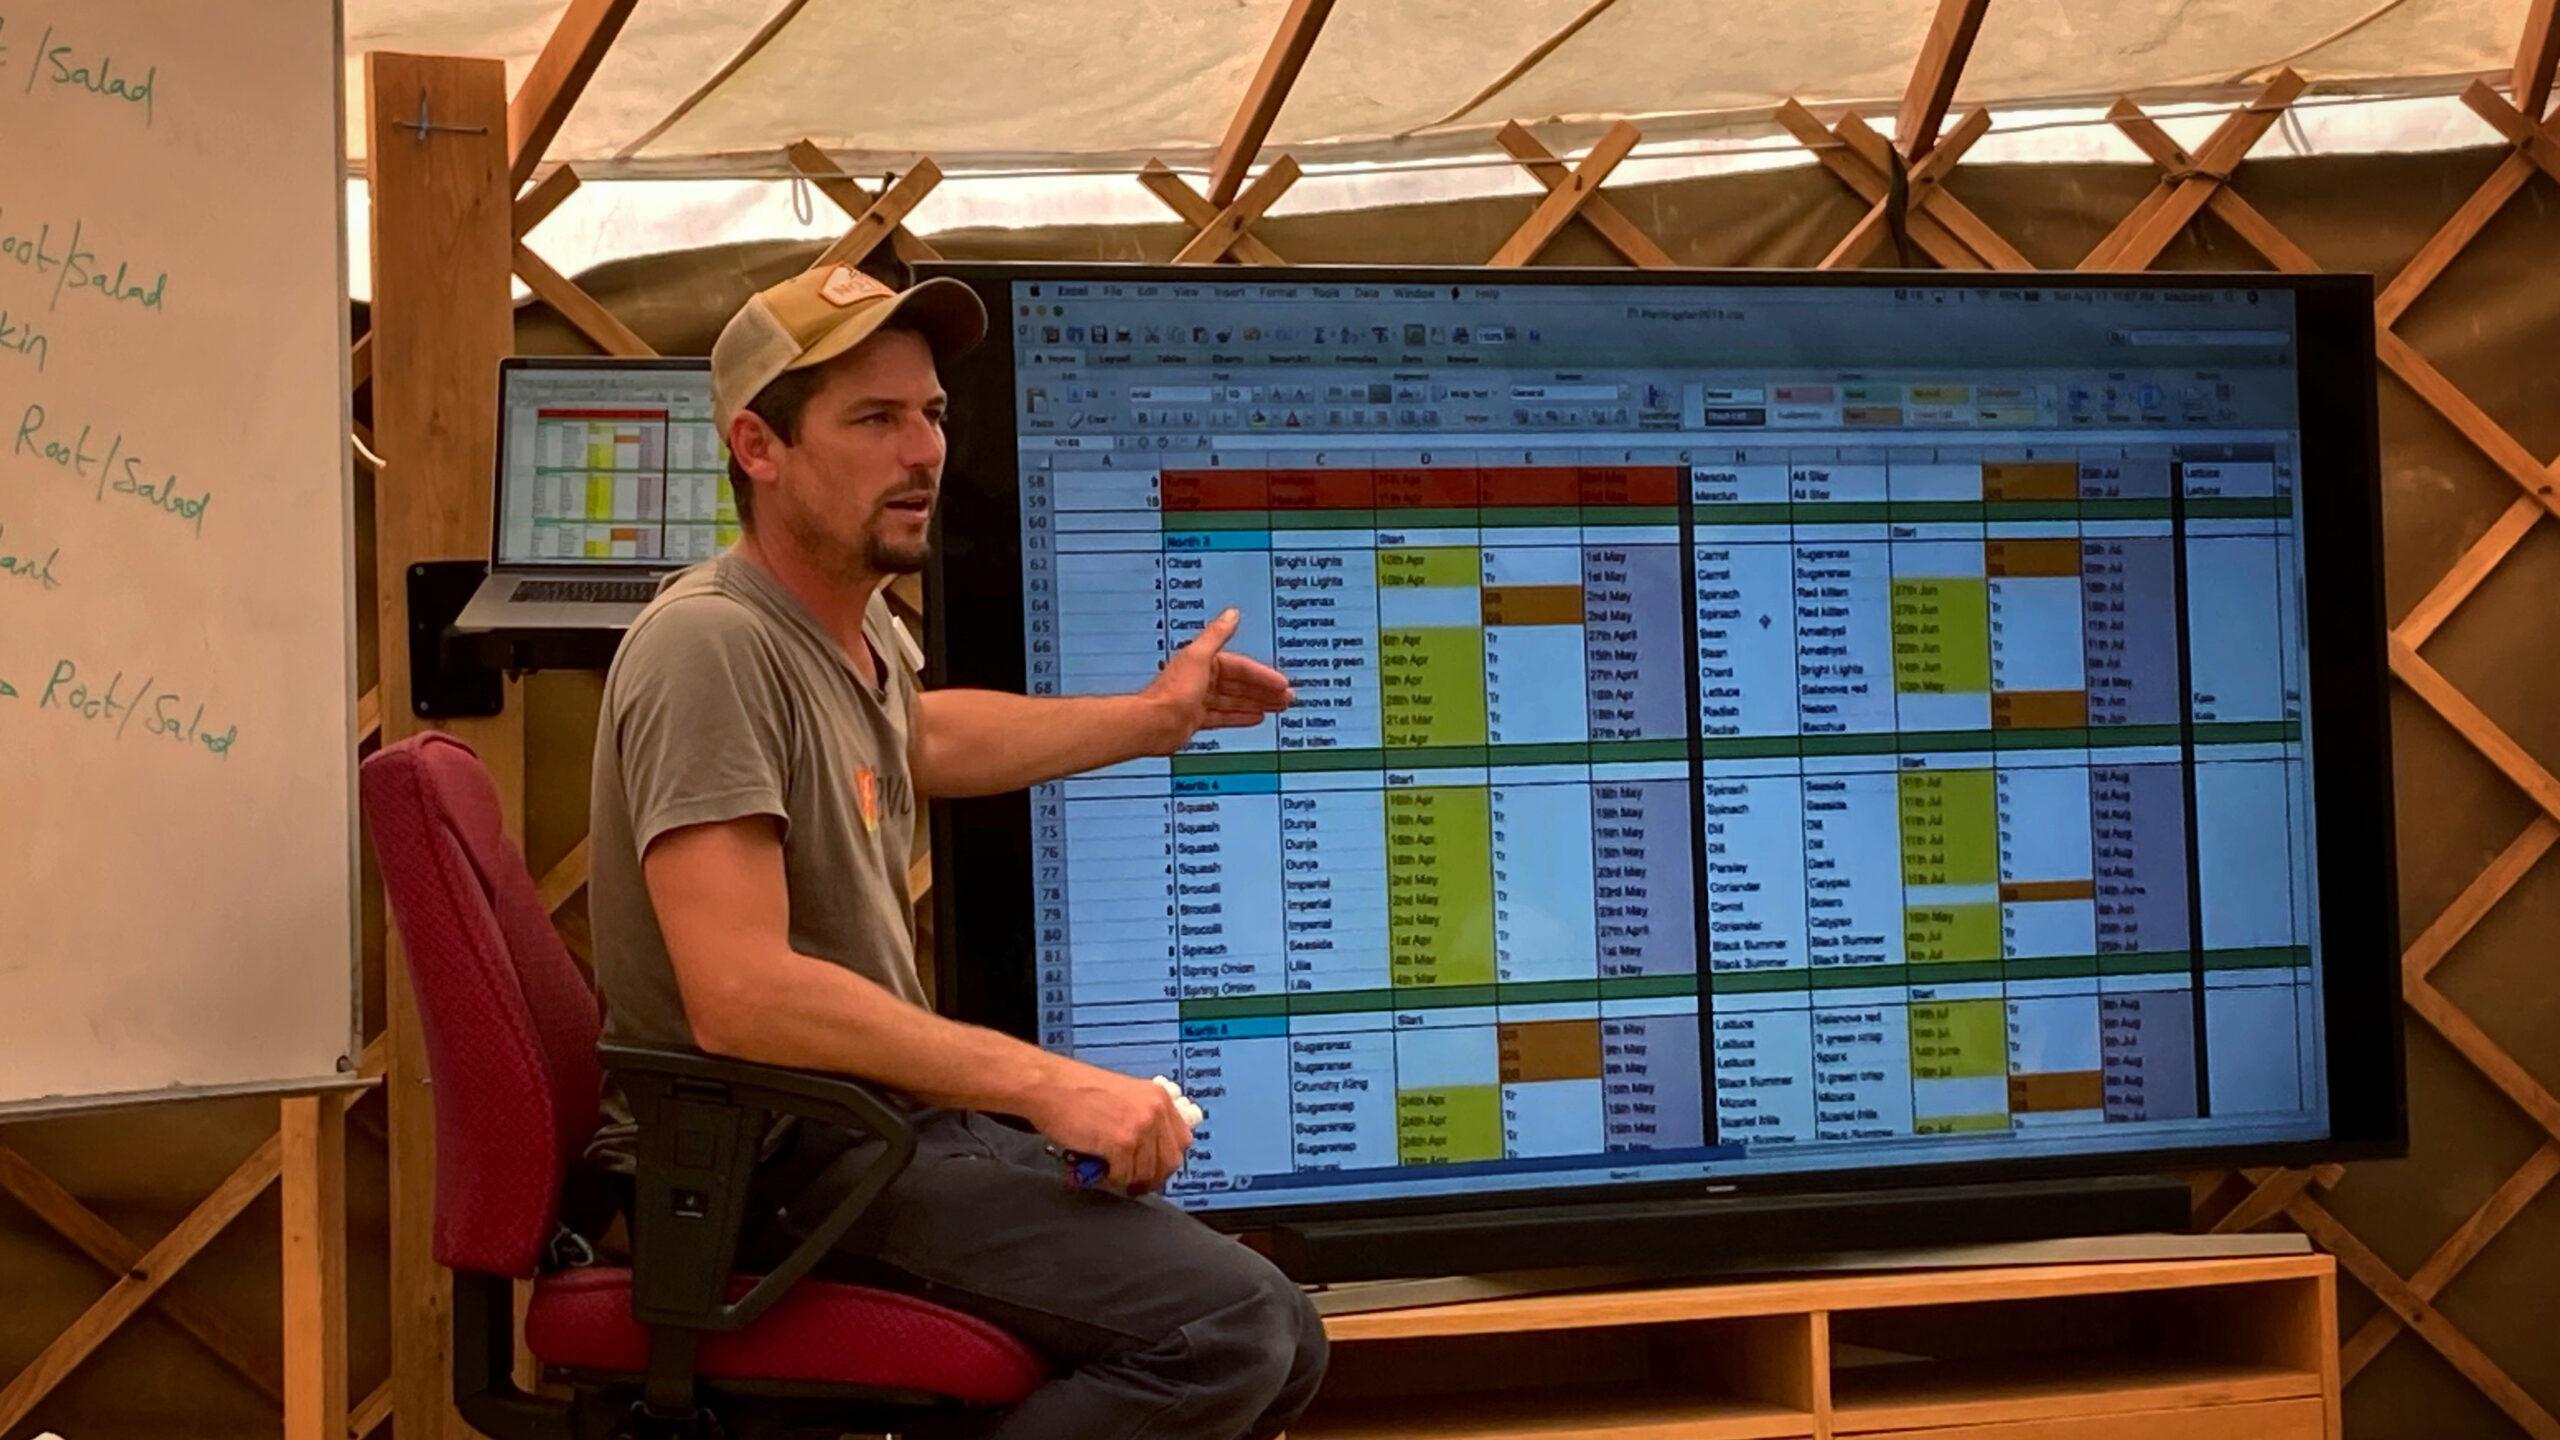 Richard Perkins visar hur kalkylblad används i planeringsarbetet